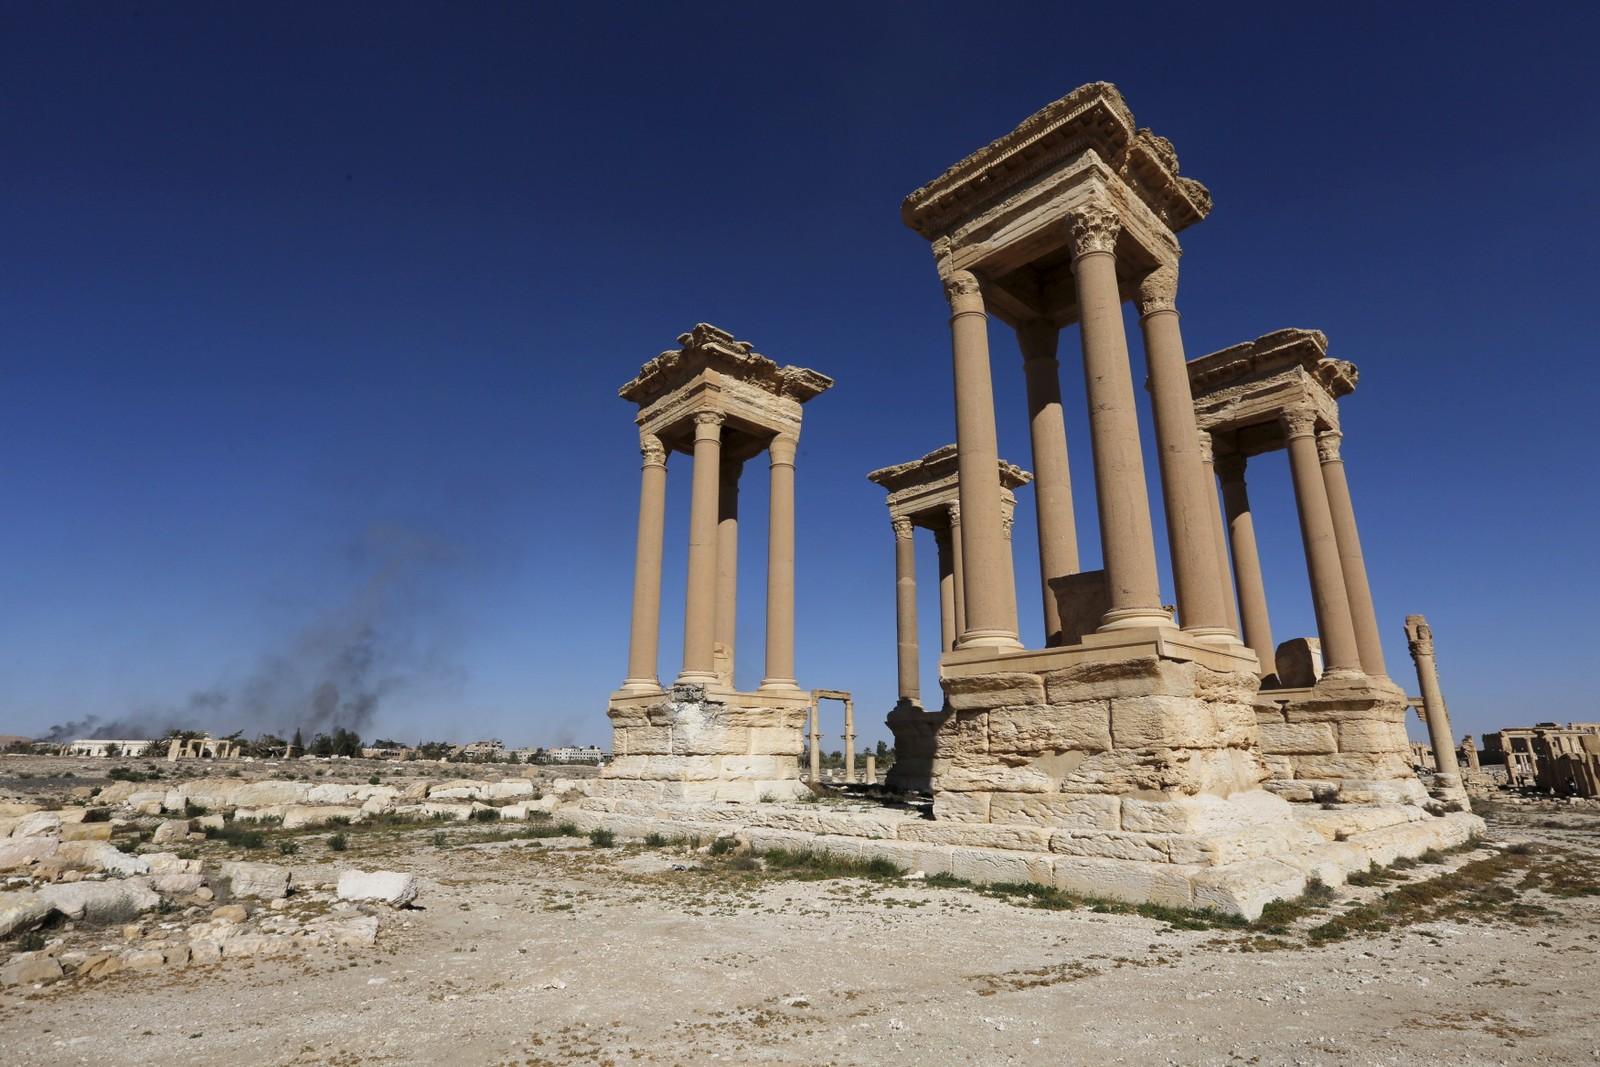 Den syriske hæren fant flere miner som IS hadde etterlatt i Palmyra. Her detoneres noen av dem et godt stykke unna den verneverdige bebyggelsen.